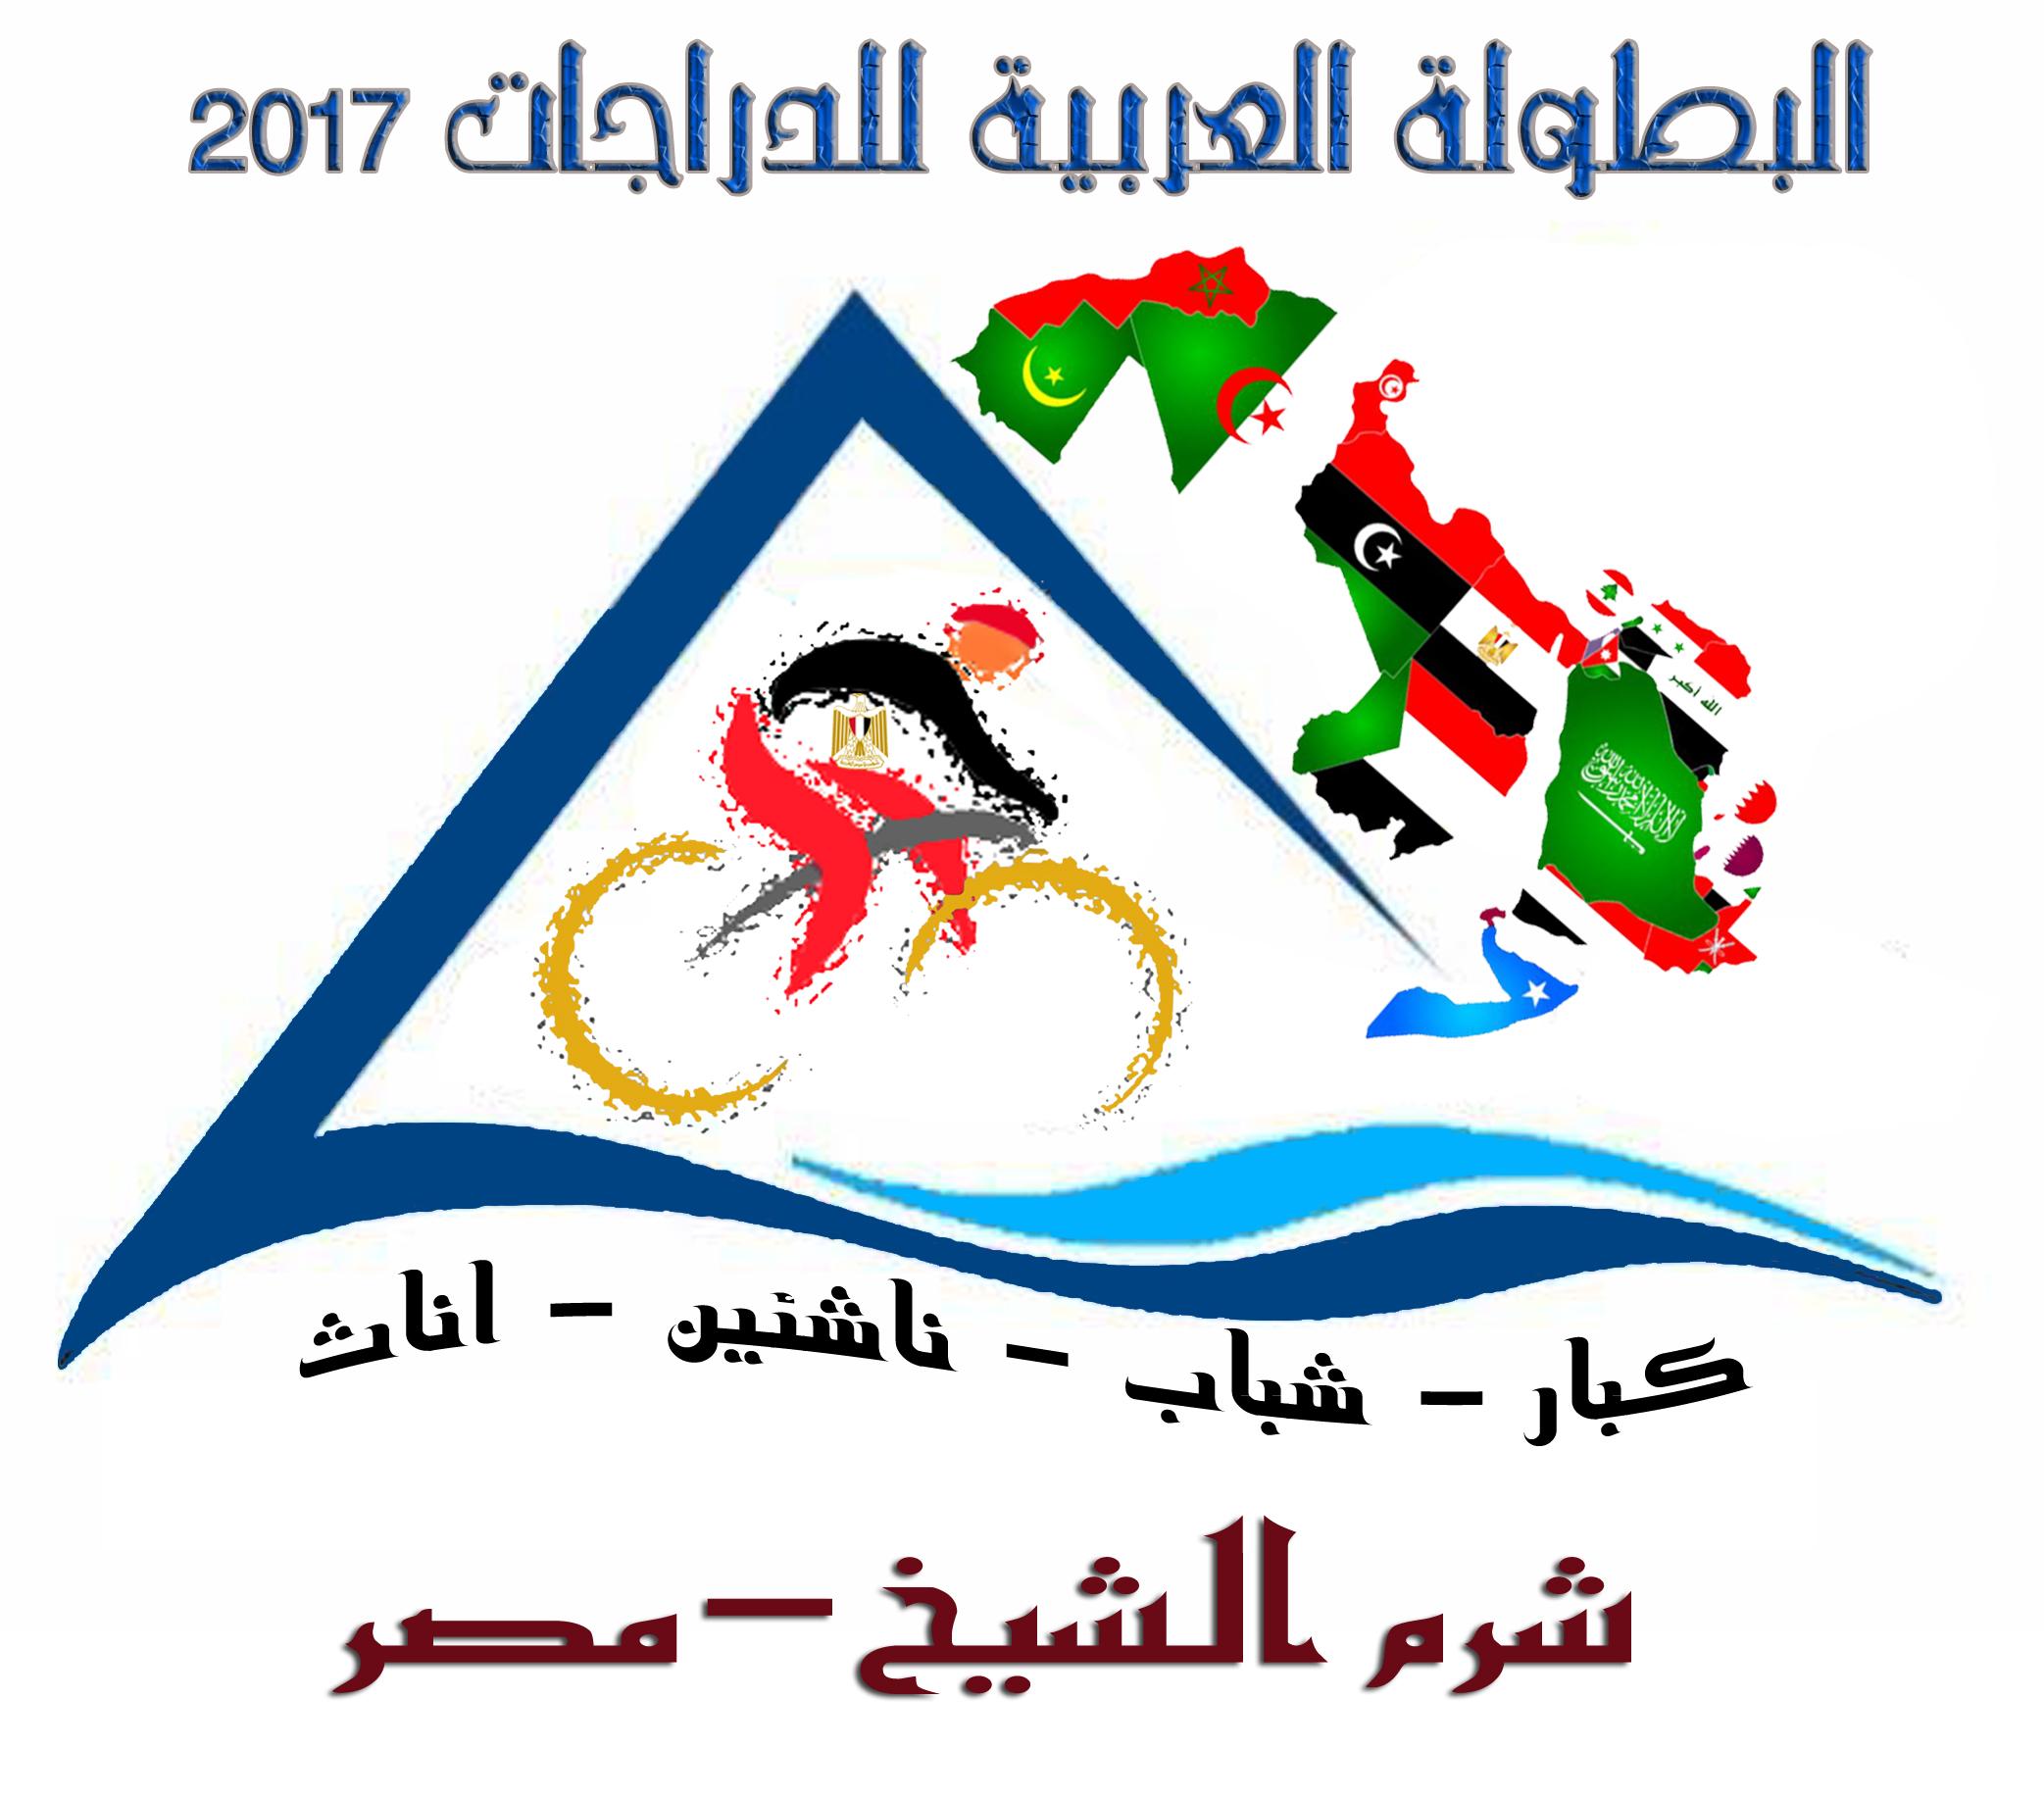 النتائج الكاملة للبطولة العربية مصر 2017